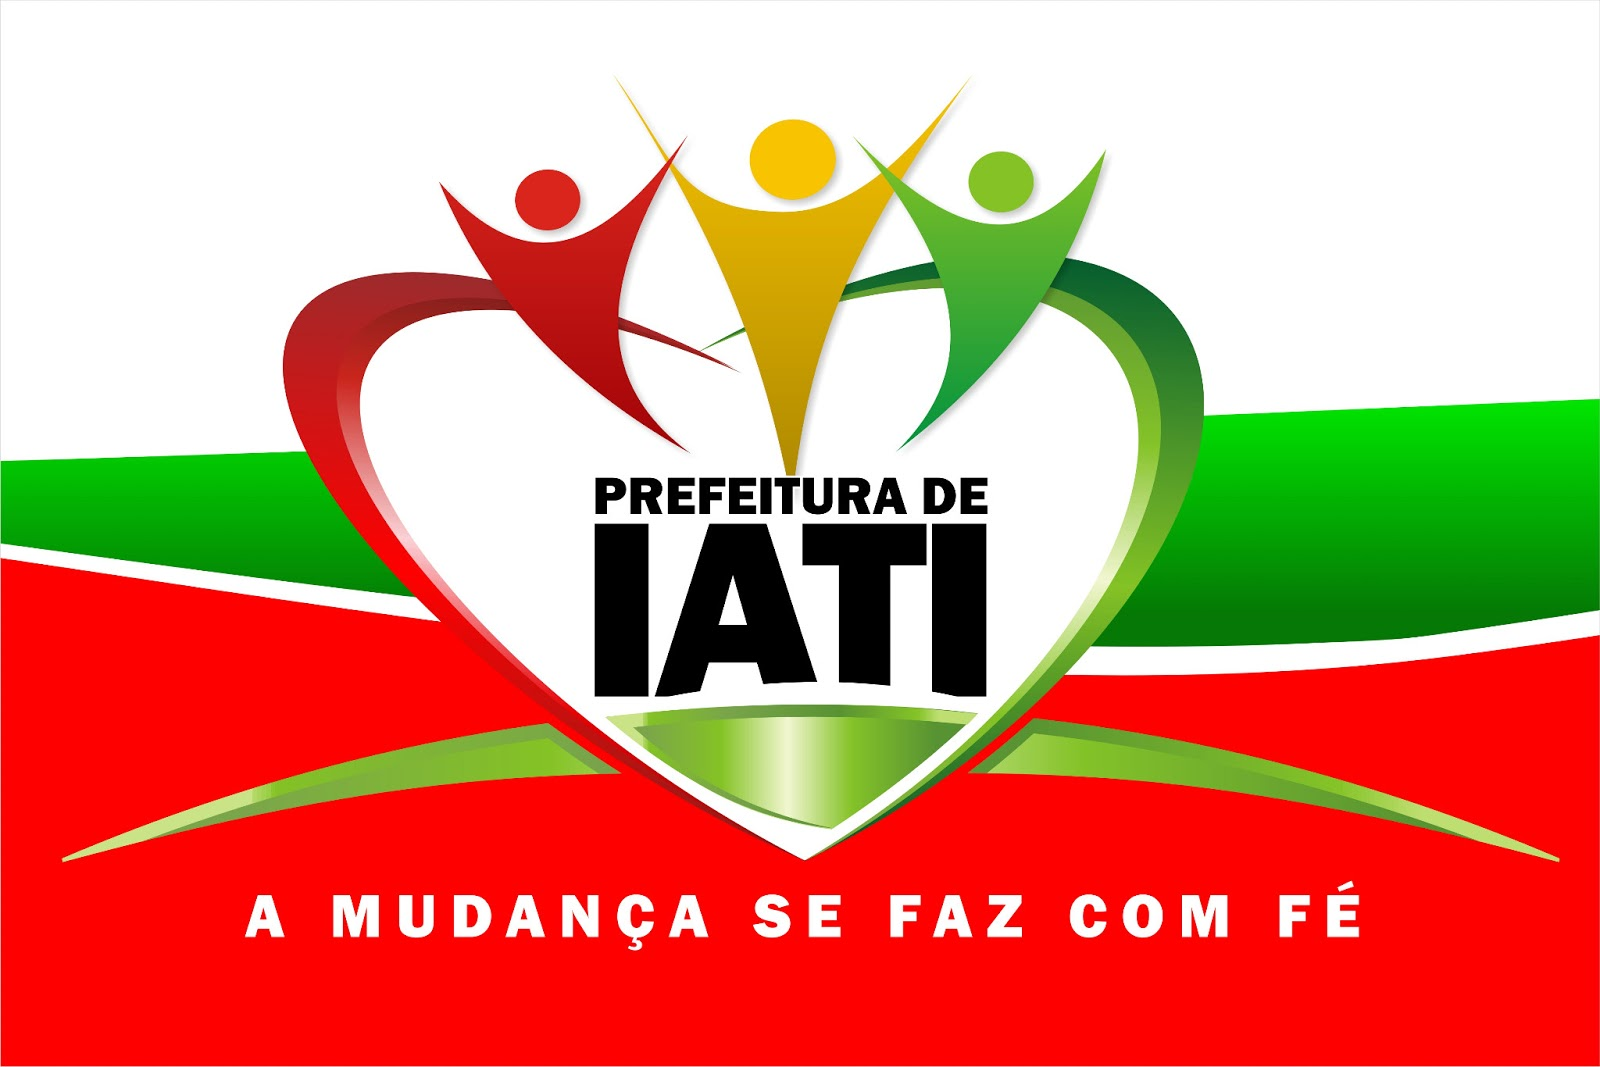 hora esperada vai chega em iati PE ,5 candidato a prefeito disputara  a prefeito de lati Pernambuco,     30 de julho convenções  municipal .